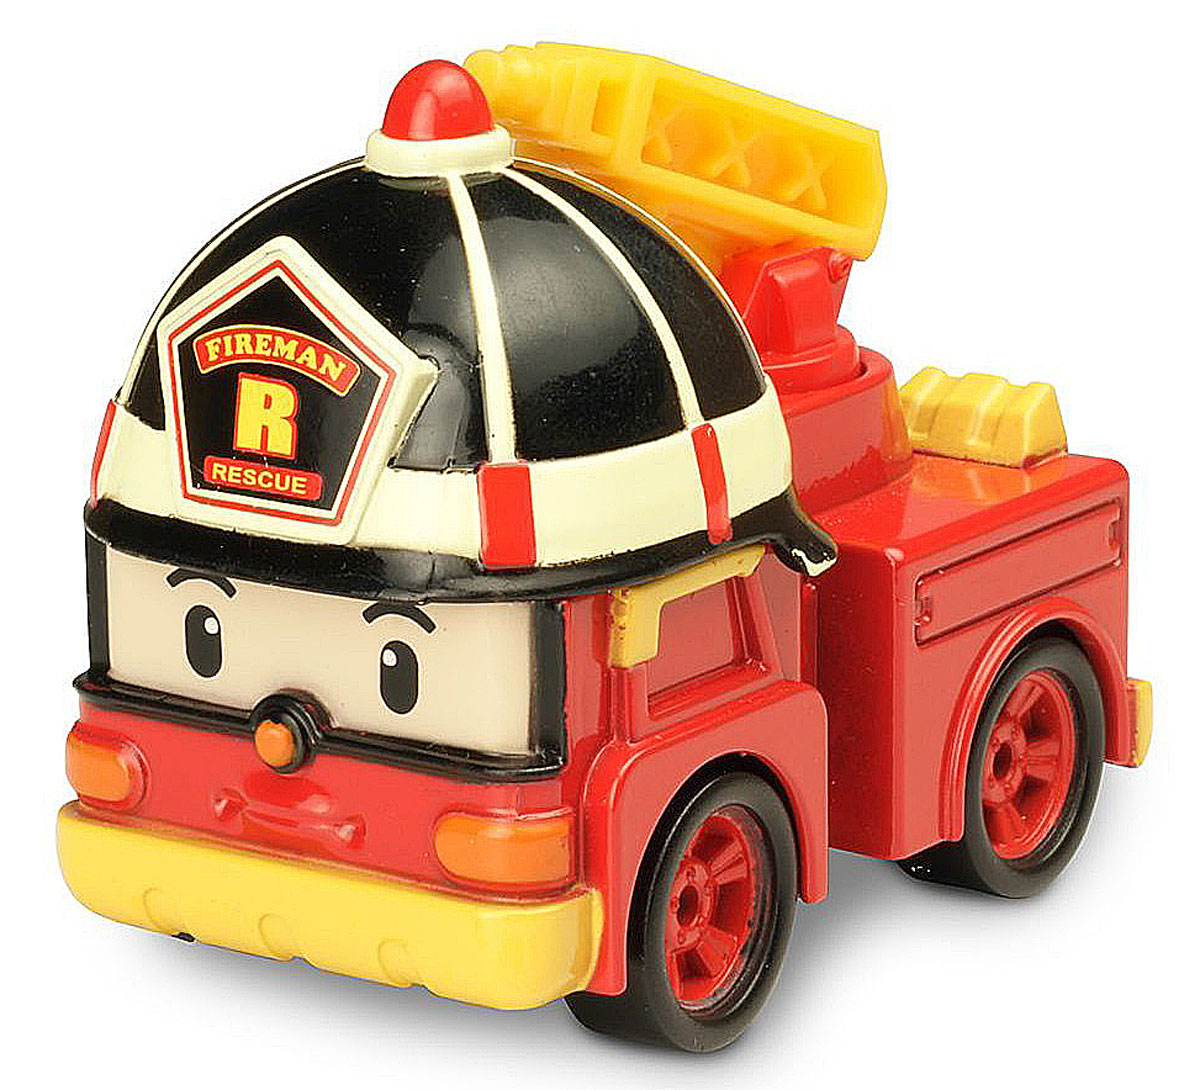 """Яркая игрушка Poli """"Пожарная машинка Рой"""" непременно понравится вашему малышу. Она выполнена из металла с элементами пластика в виде пожарной машинки Роя - персонажа популярного мультсериала """"Robocar Poli"""". Рой оснащен поднимающимся элементов в виде лестницы и колесиками со свободным ходом, позволяющими катать машинку. Благодаря небольшому размеру ребенок сможет взять игрушку с собой на прогулку, в поездку или в гости. Порадуйте своего малыша таким замечательным подарком!"""